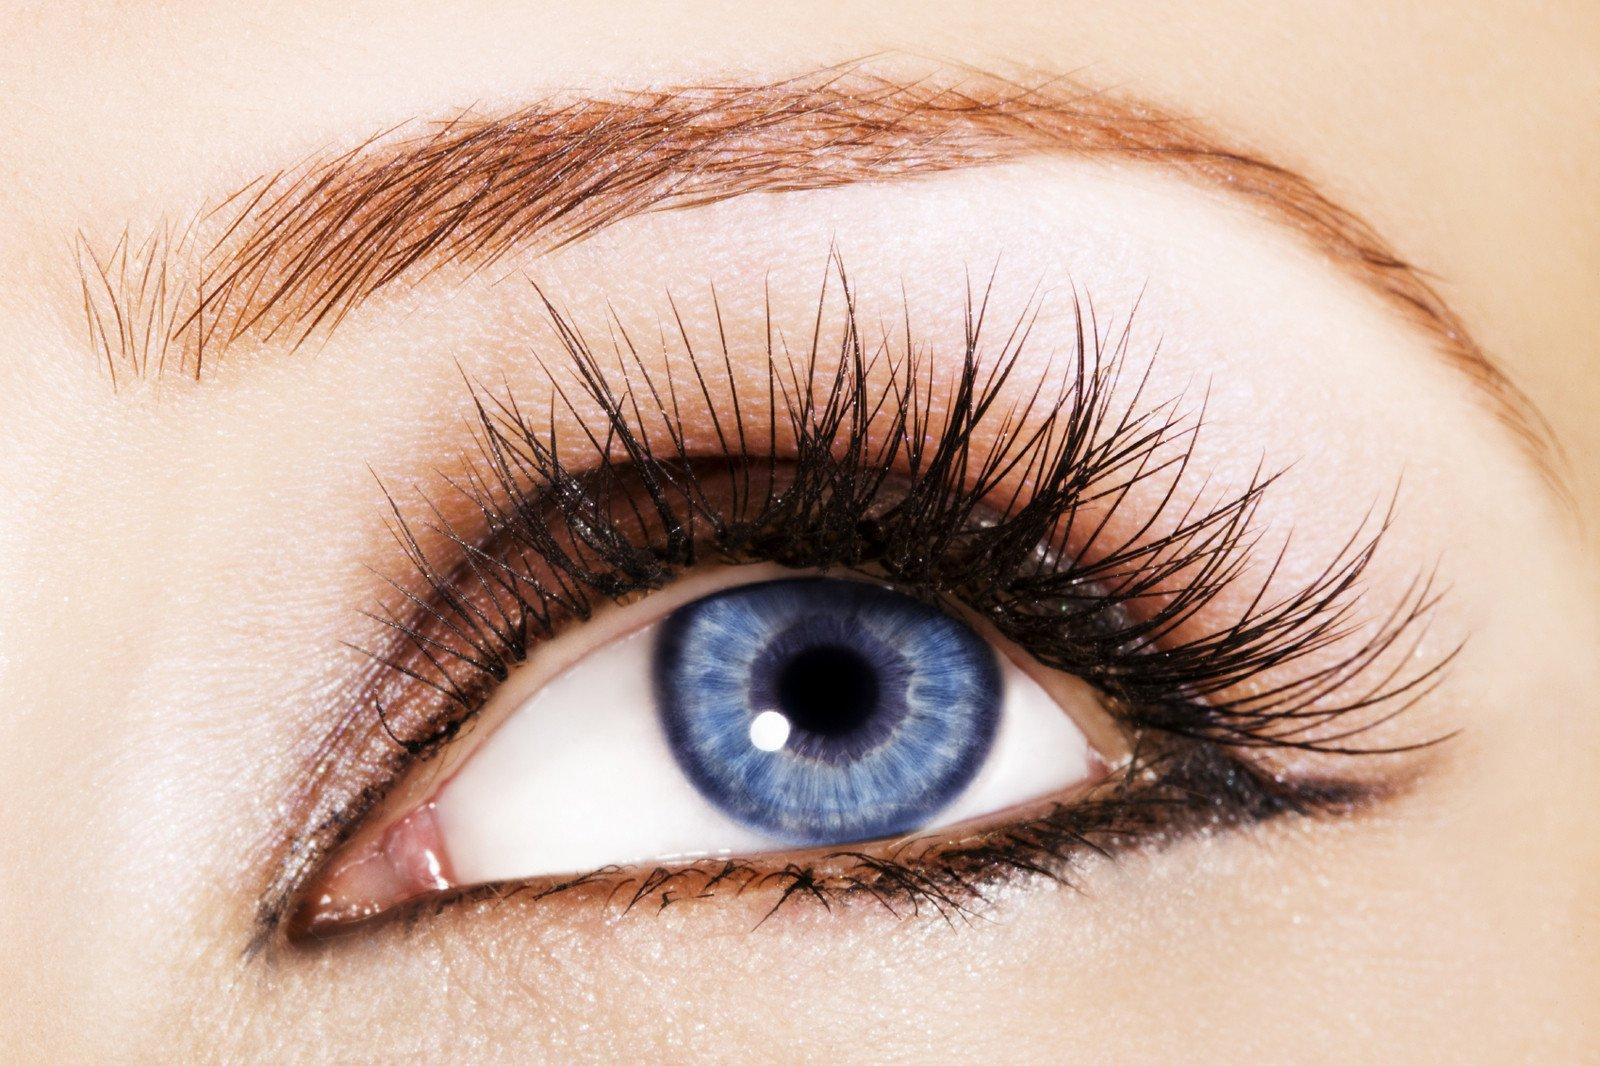 Xóa nếp nhăn vùng mắt nhờ các mẹo từ thiên nhiên